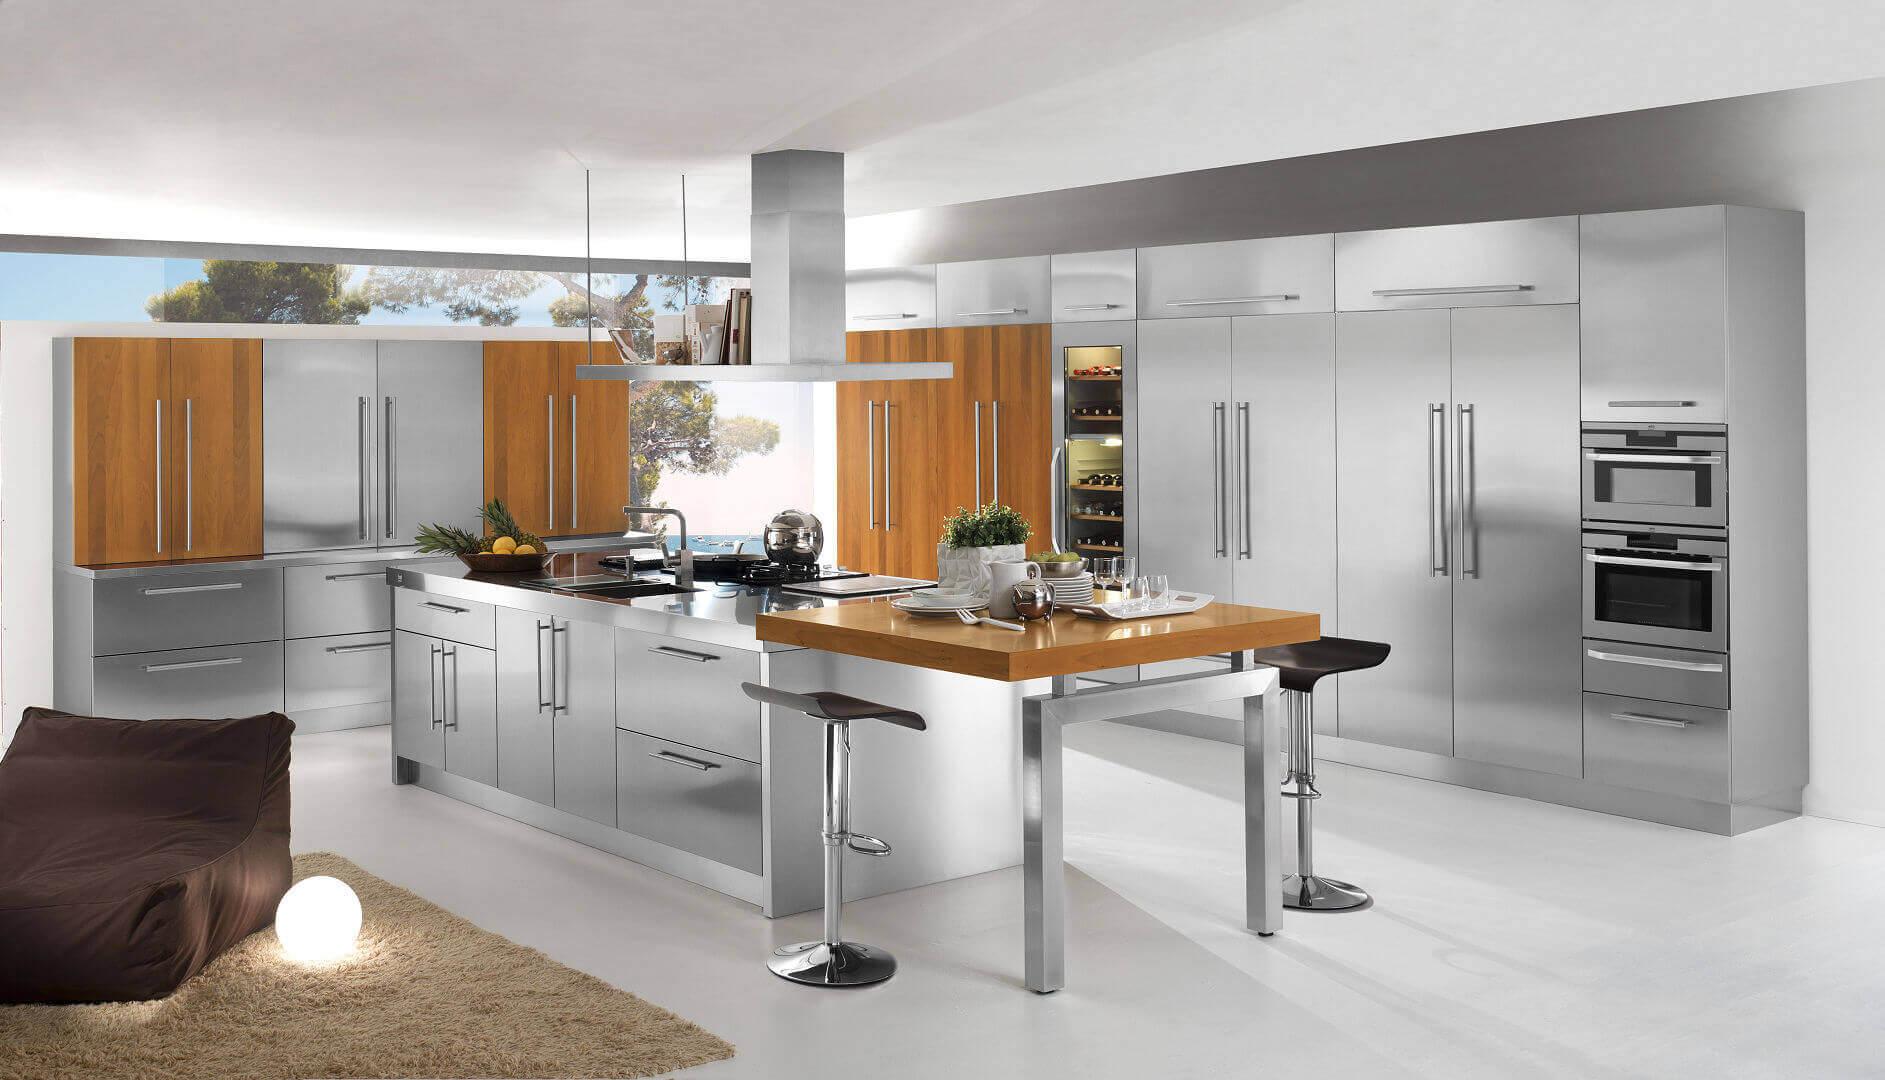 Barn - Arca Cucine Italia - Cucine in Acciaio Inox